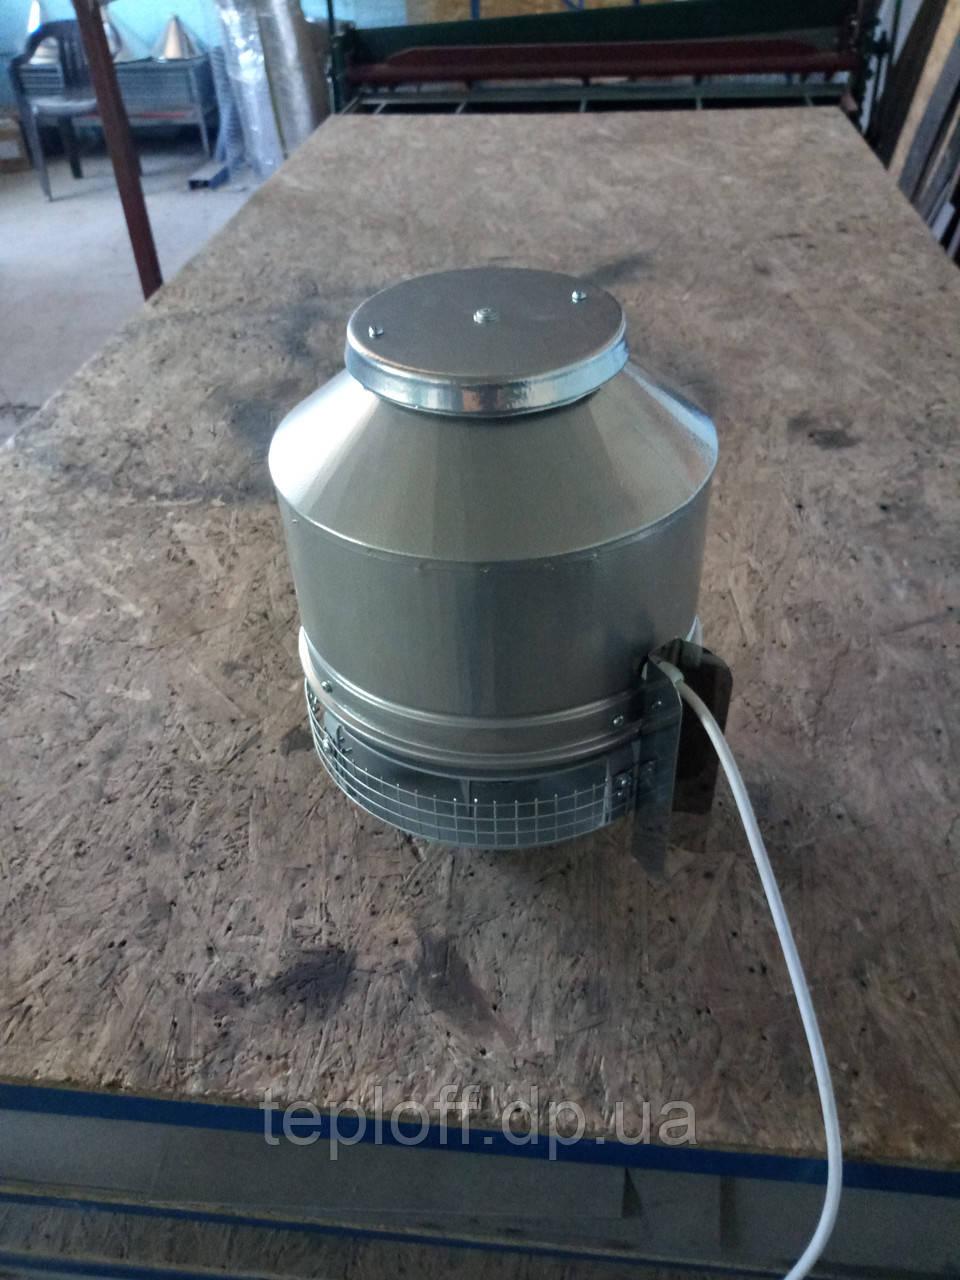 Дымосос для камина, барбекю 1000м3/ч ф150